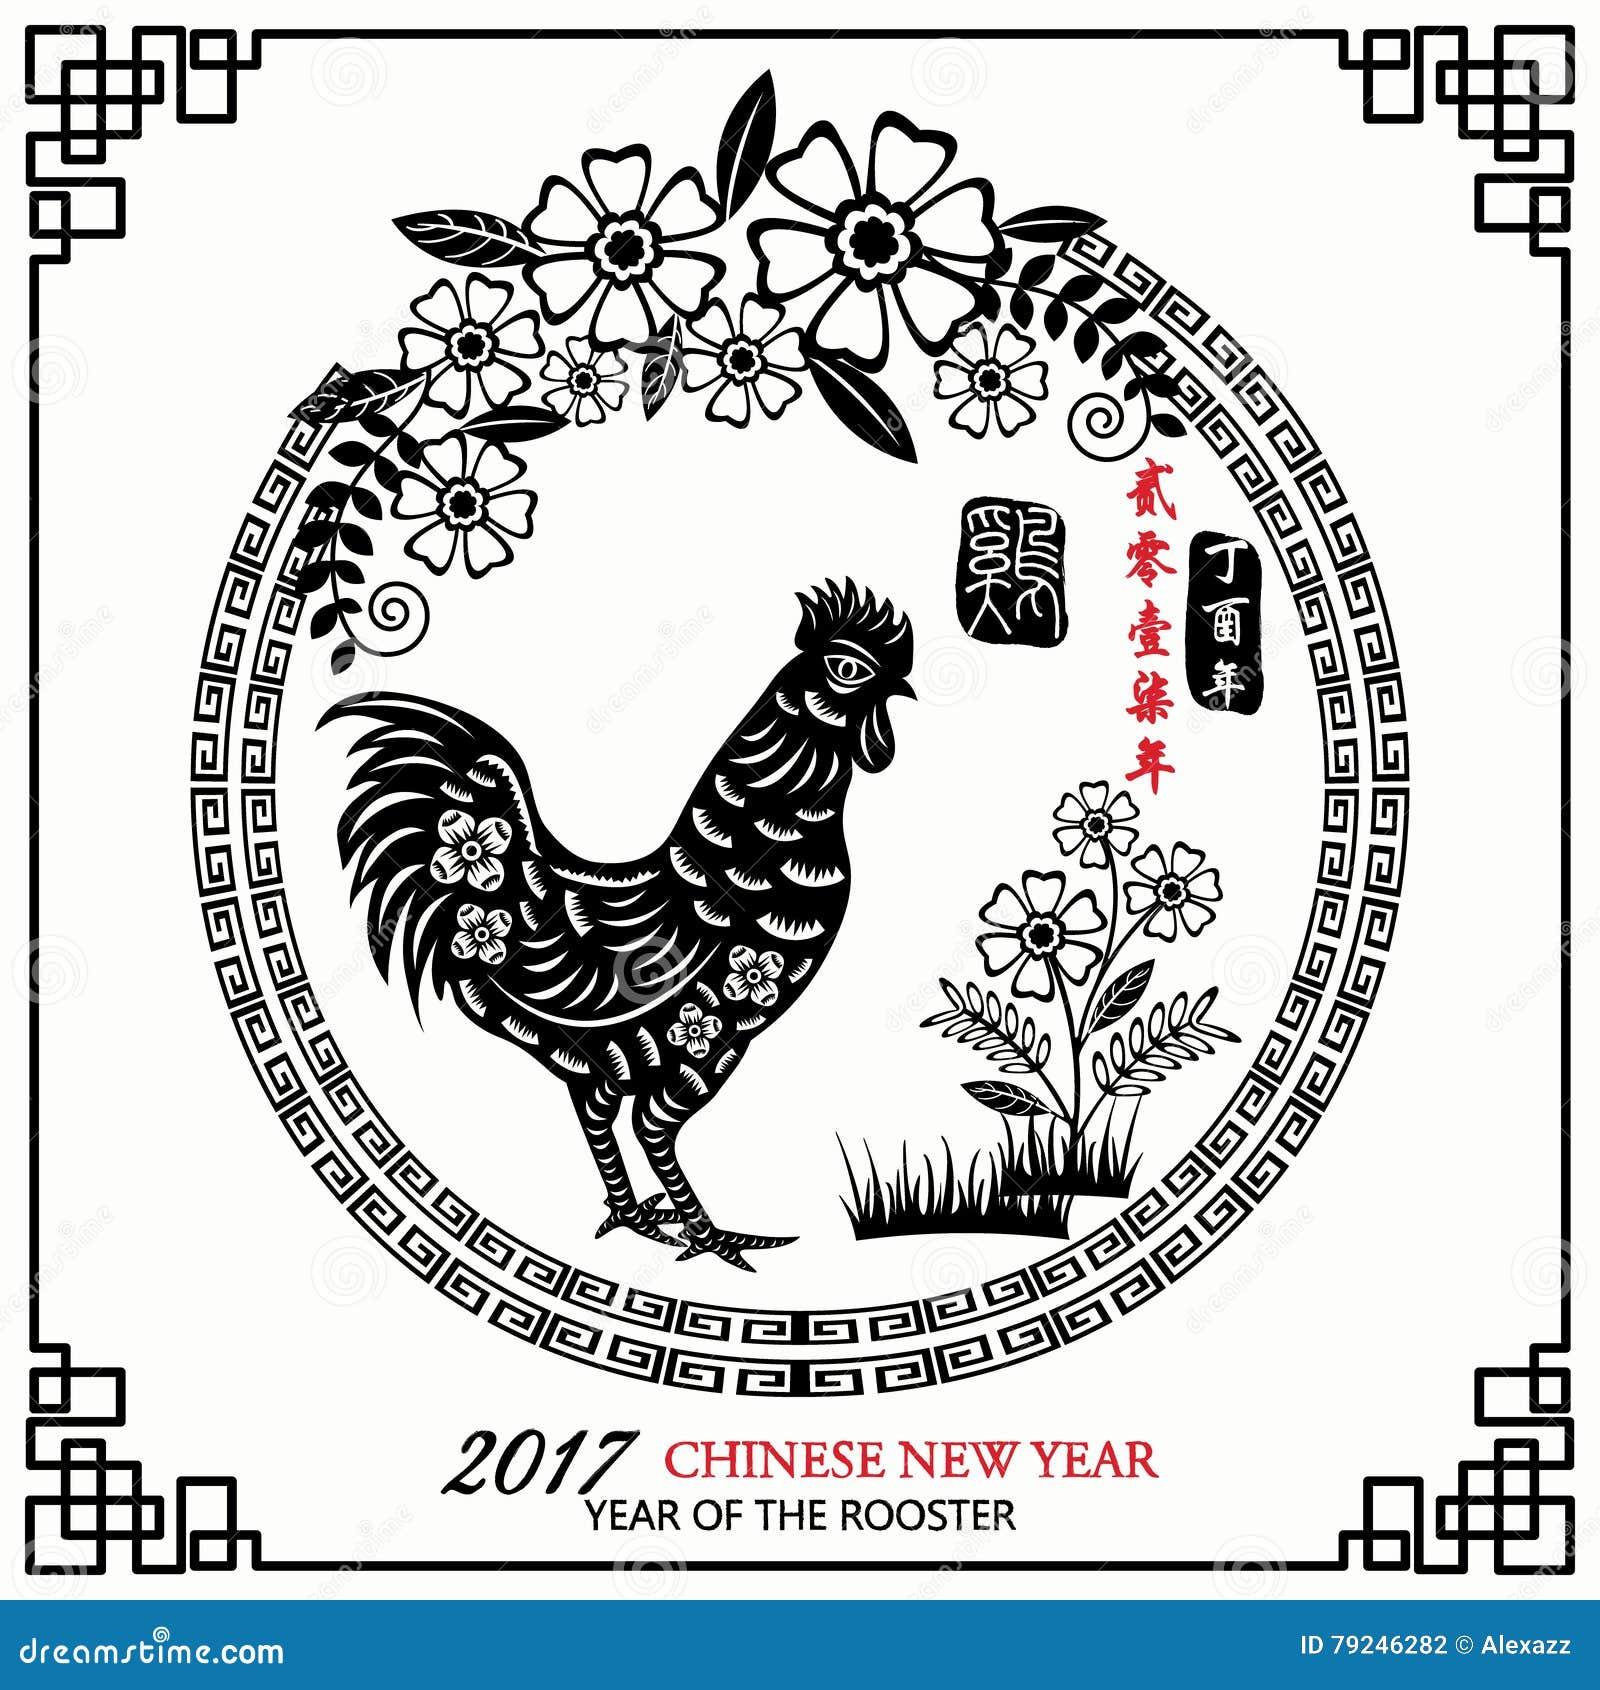 chinesisches neujahrsfest des hahns chinesisches neujahrsfest 2017 chinesischer tierkreis. Black Bedroom Furniture Sets. Home Design Ideas